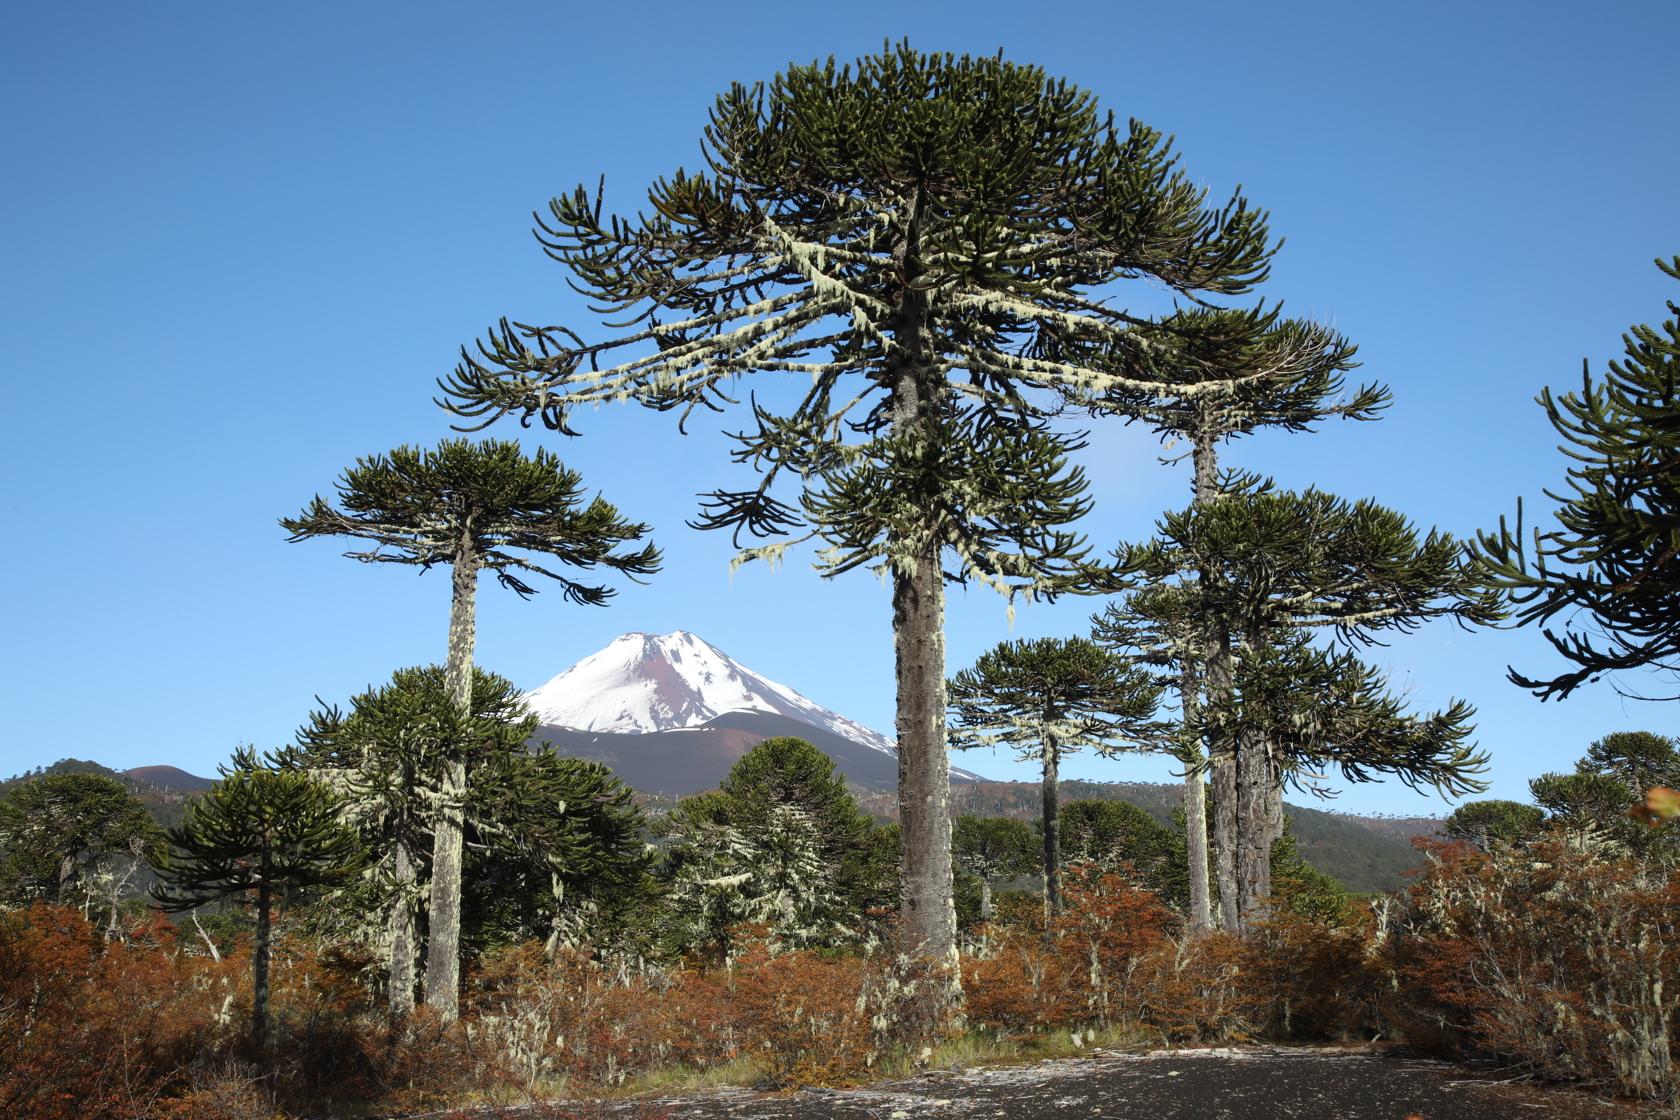 тебе деревья южной америки фото комментарий посту картинки